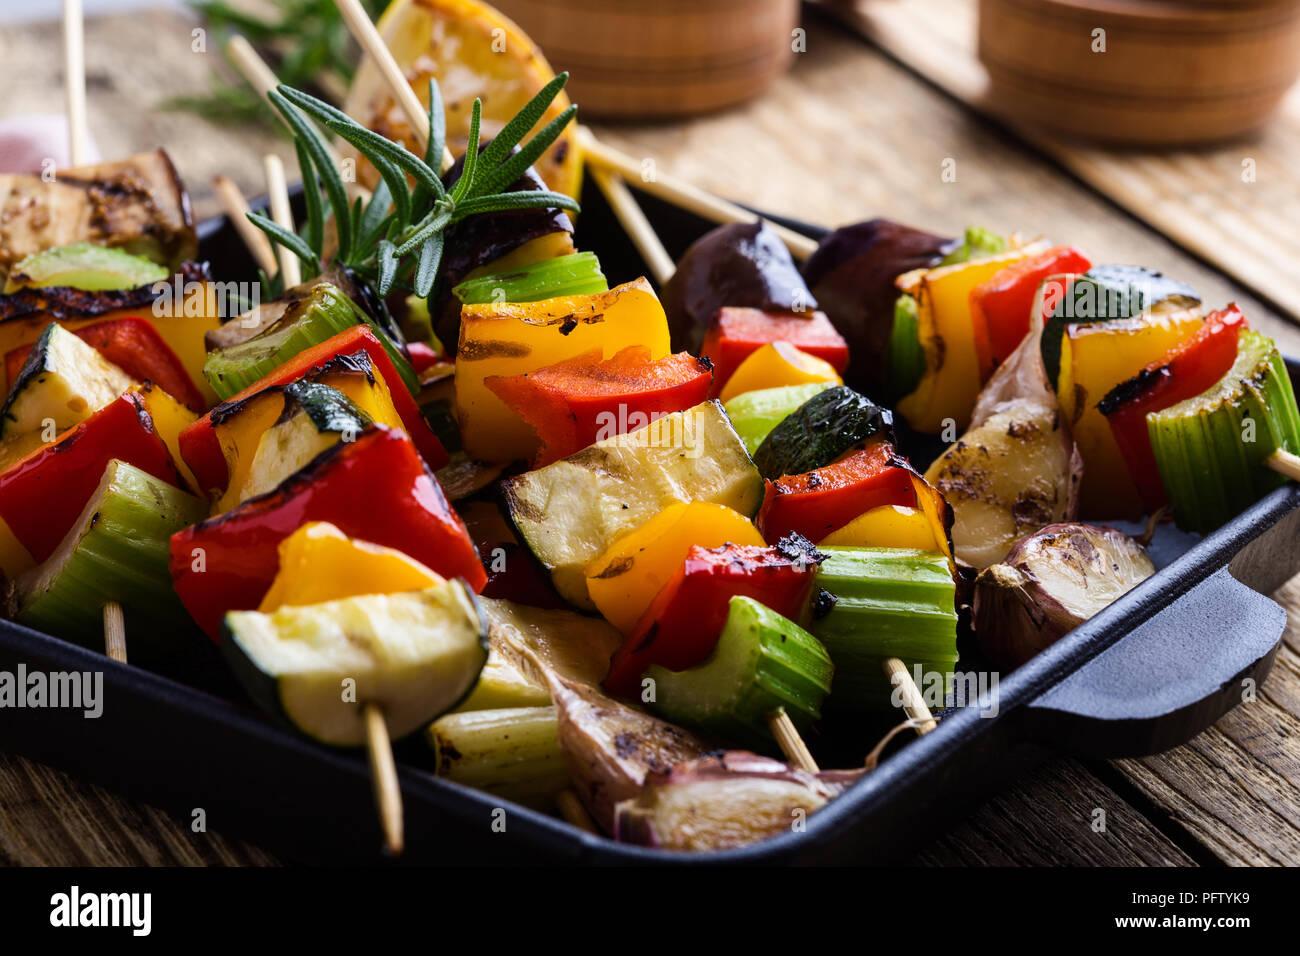 Grigliata di verdure colorate spiedini sulla padella in ghisa. Vegano pasto estivo su tavola in legno rustico Immagini Stock